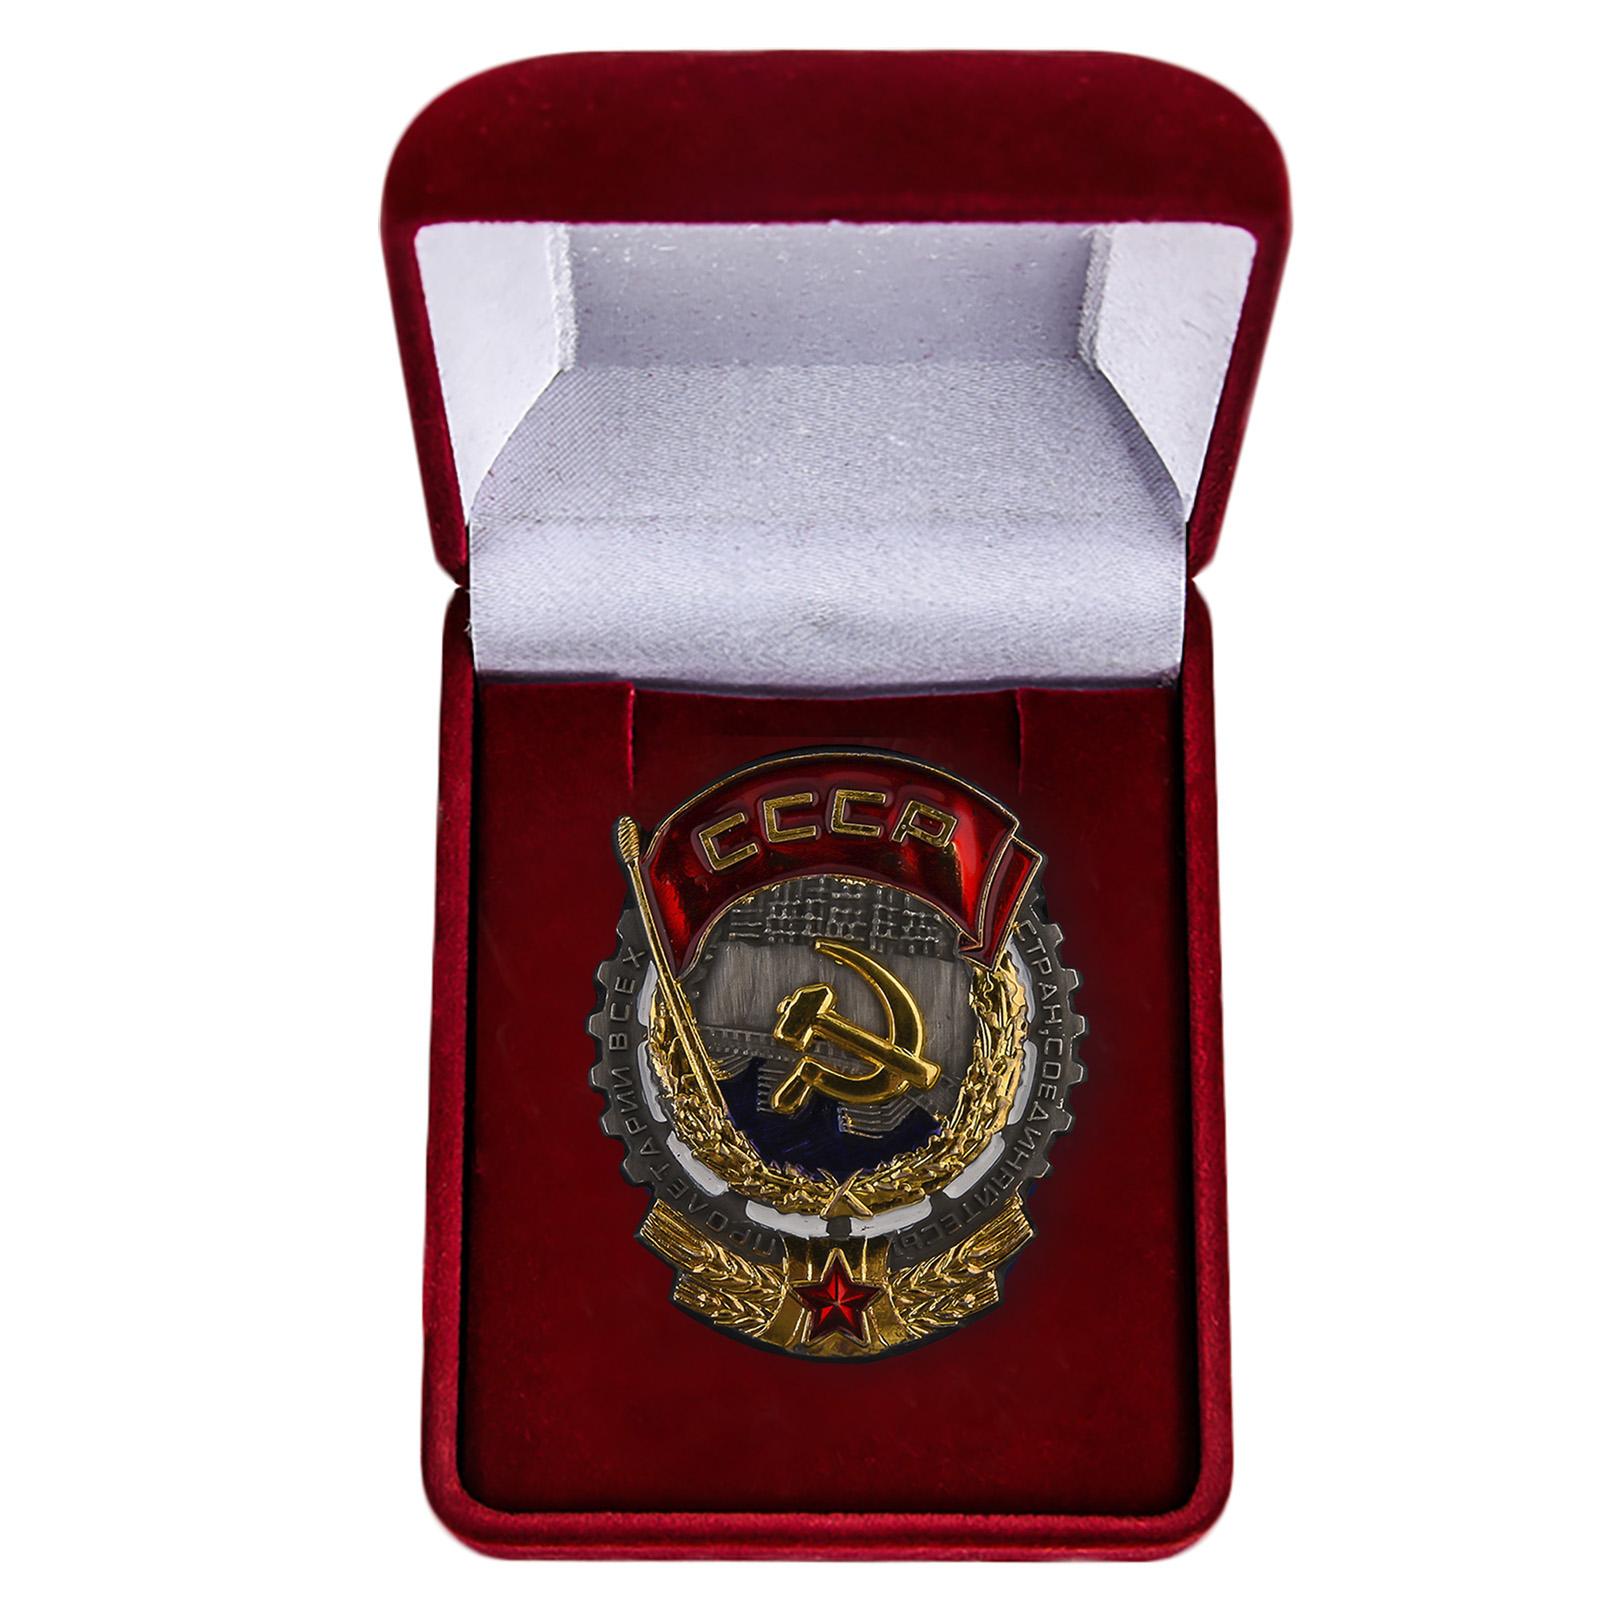 Советский орден Трудового Красного Знамени - качественнвя реплика